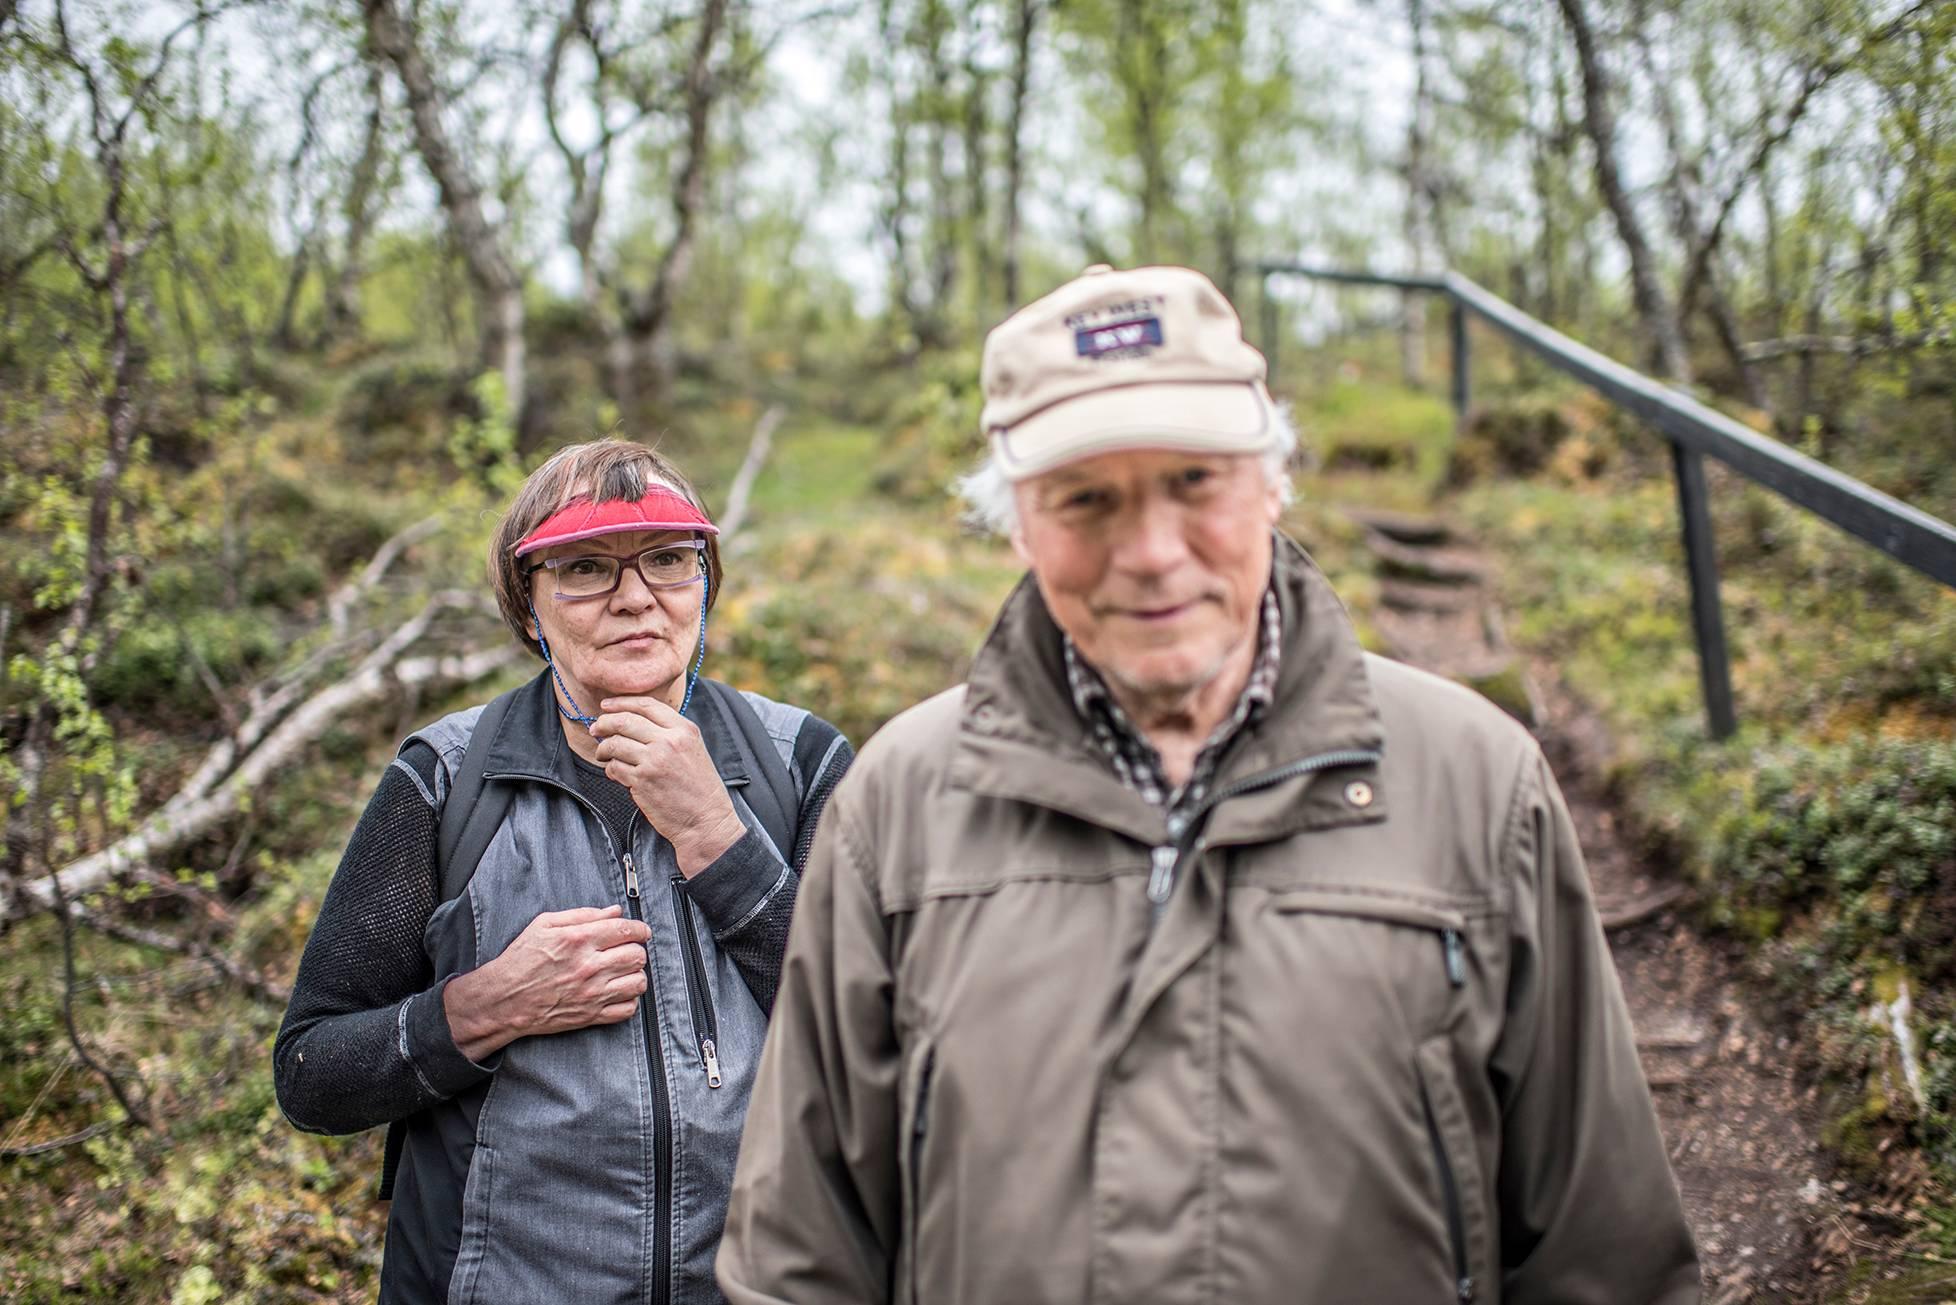 Kerttu Vuolab ja Arvi Hagelin laskeutuvat lähteelle luontopolulta.